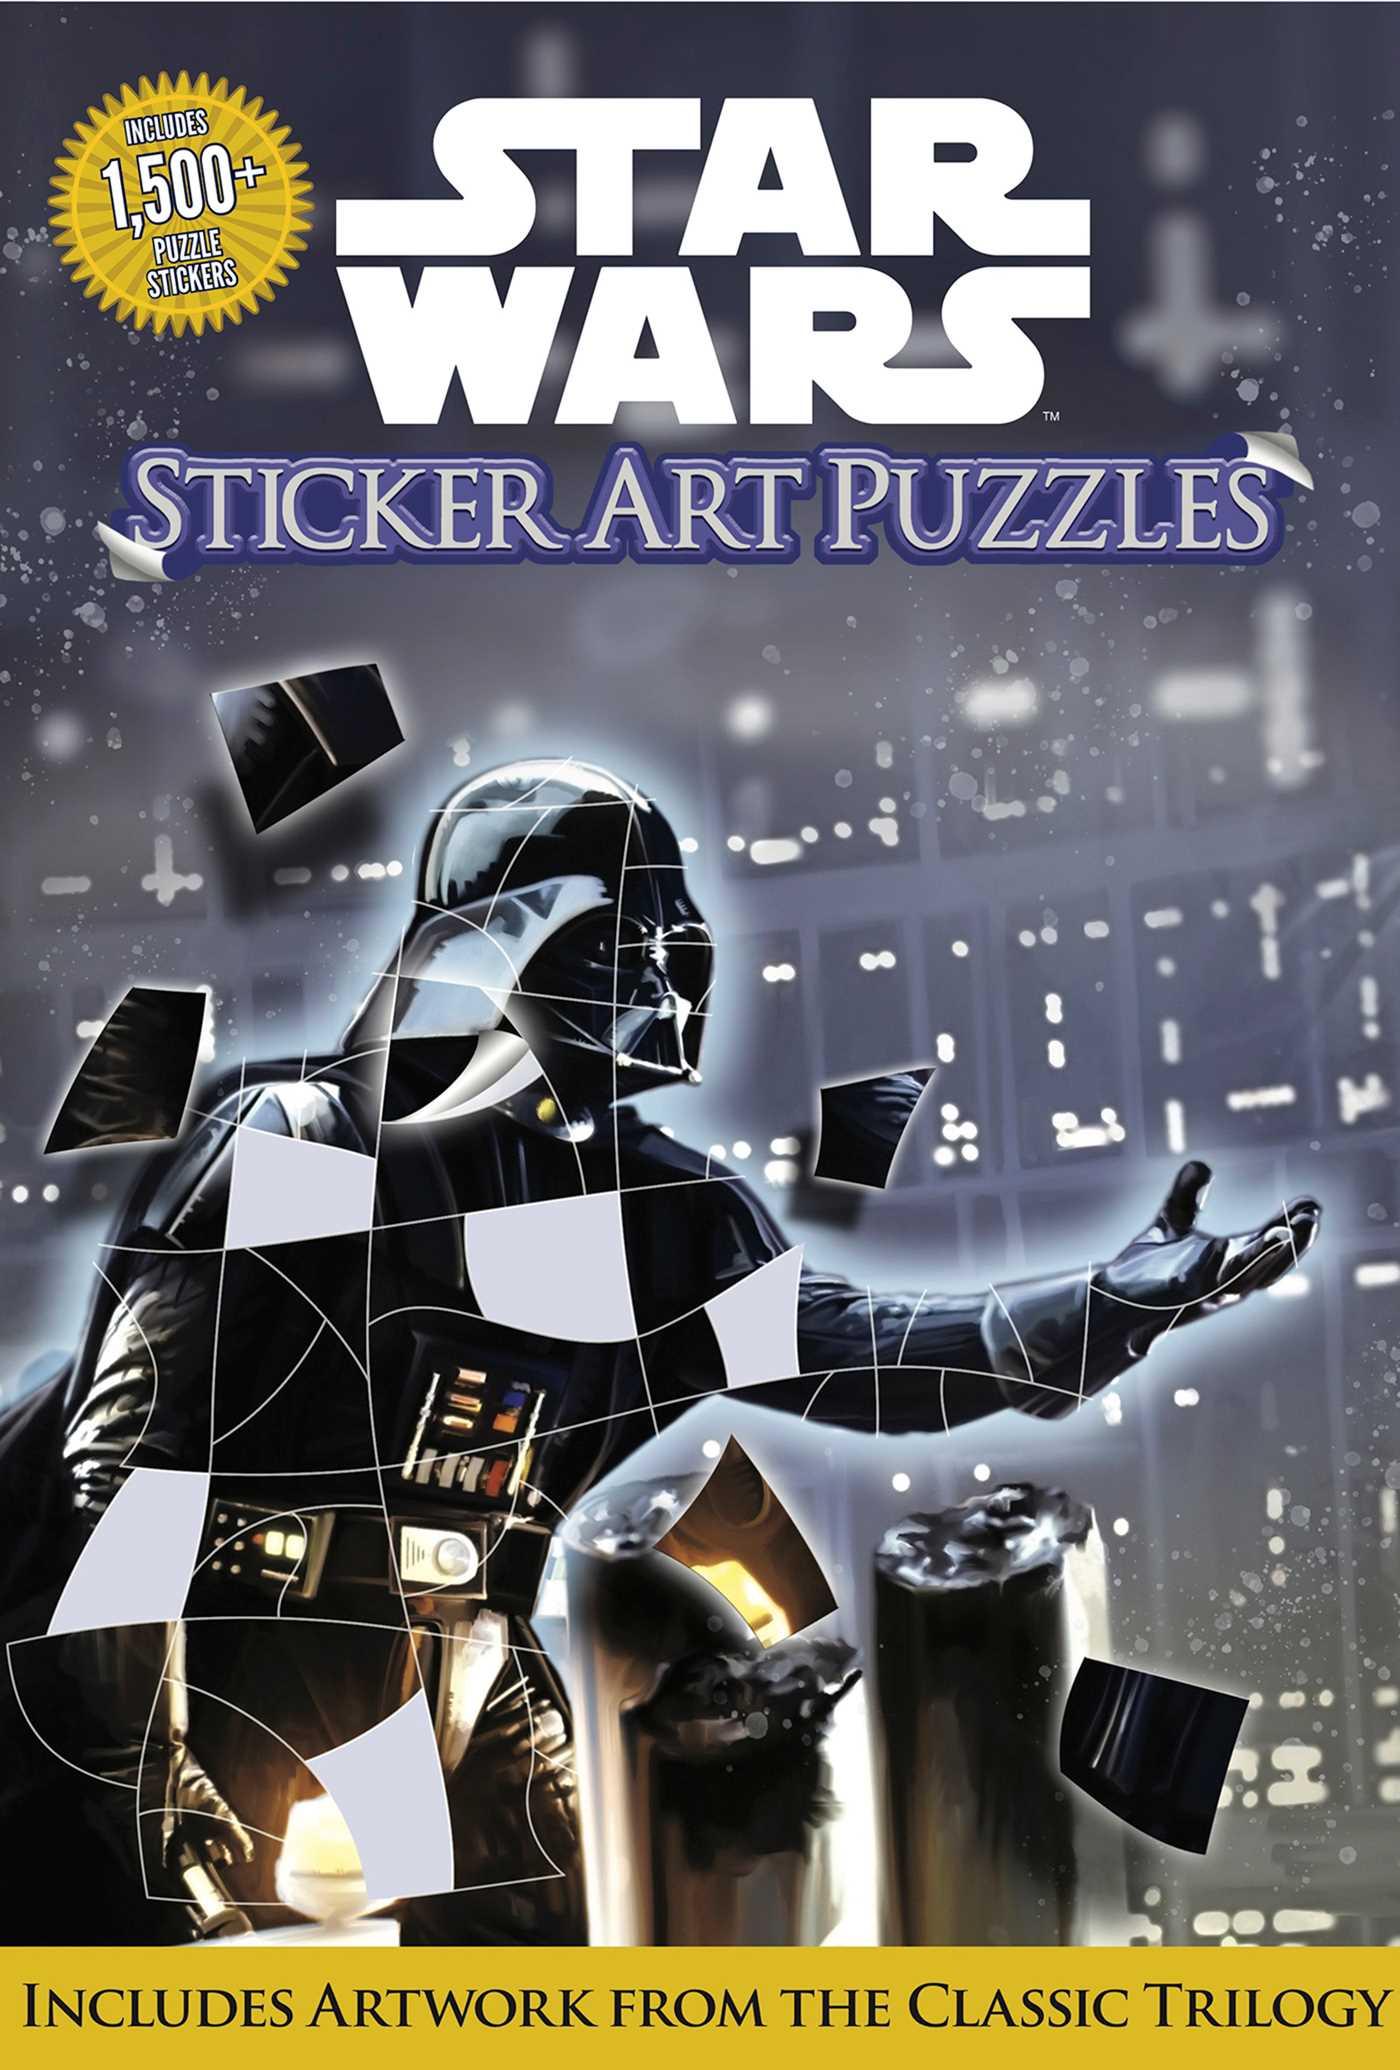 Star Wars Sticker Art Puzzles (04.10.2019)